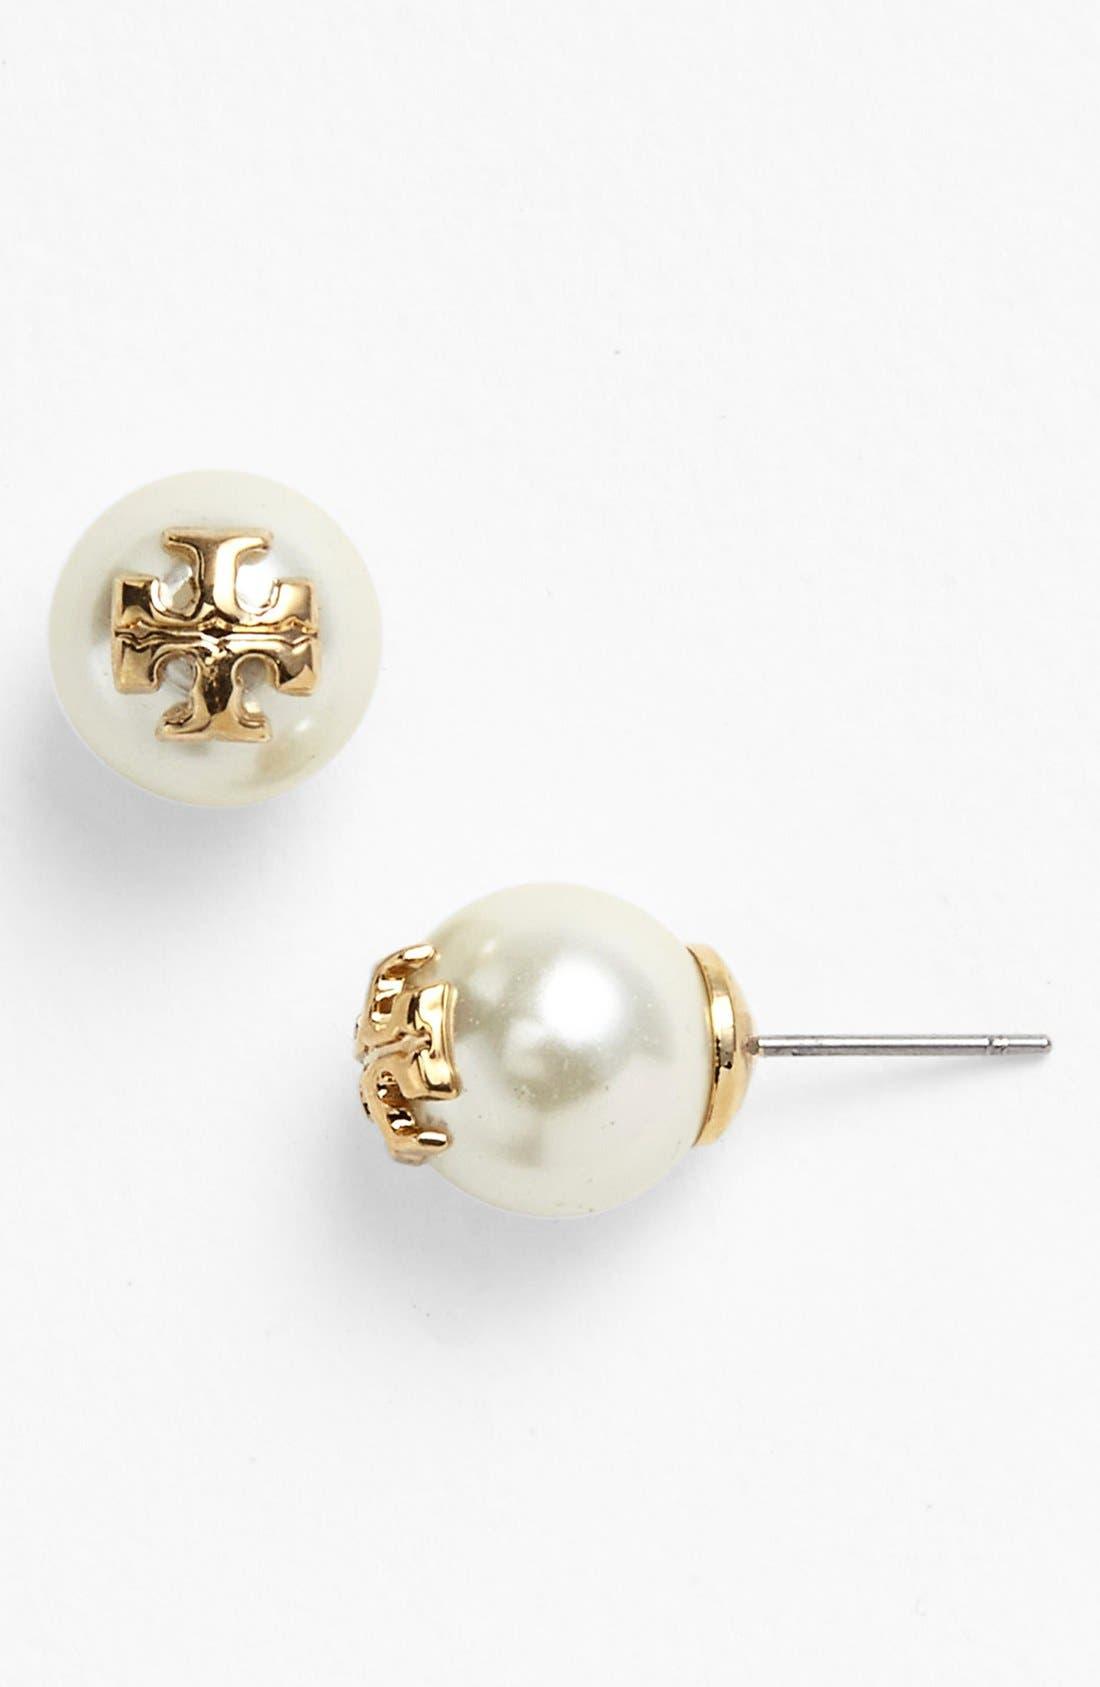 Alternate Image 1 Selected - Tory Burch 'Evie' Swarovski Crystal Pearl Earrings